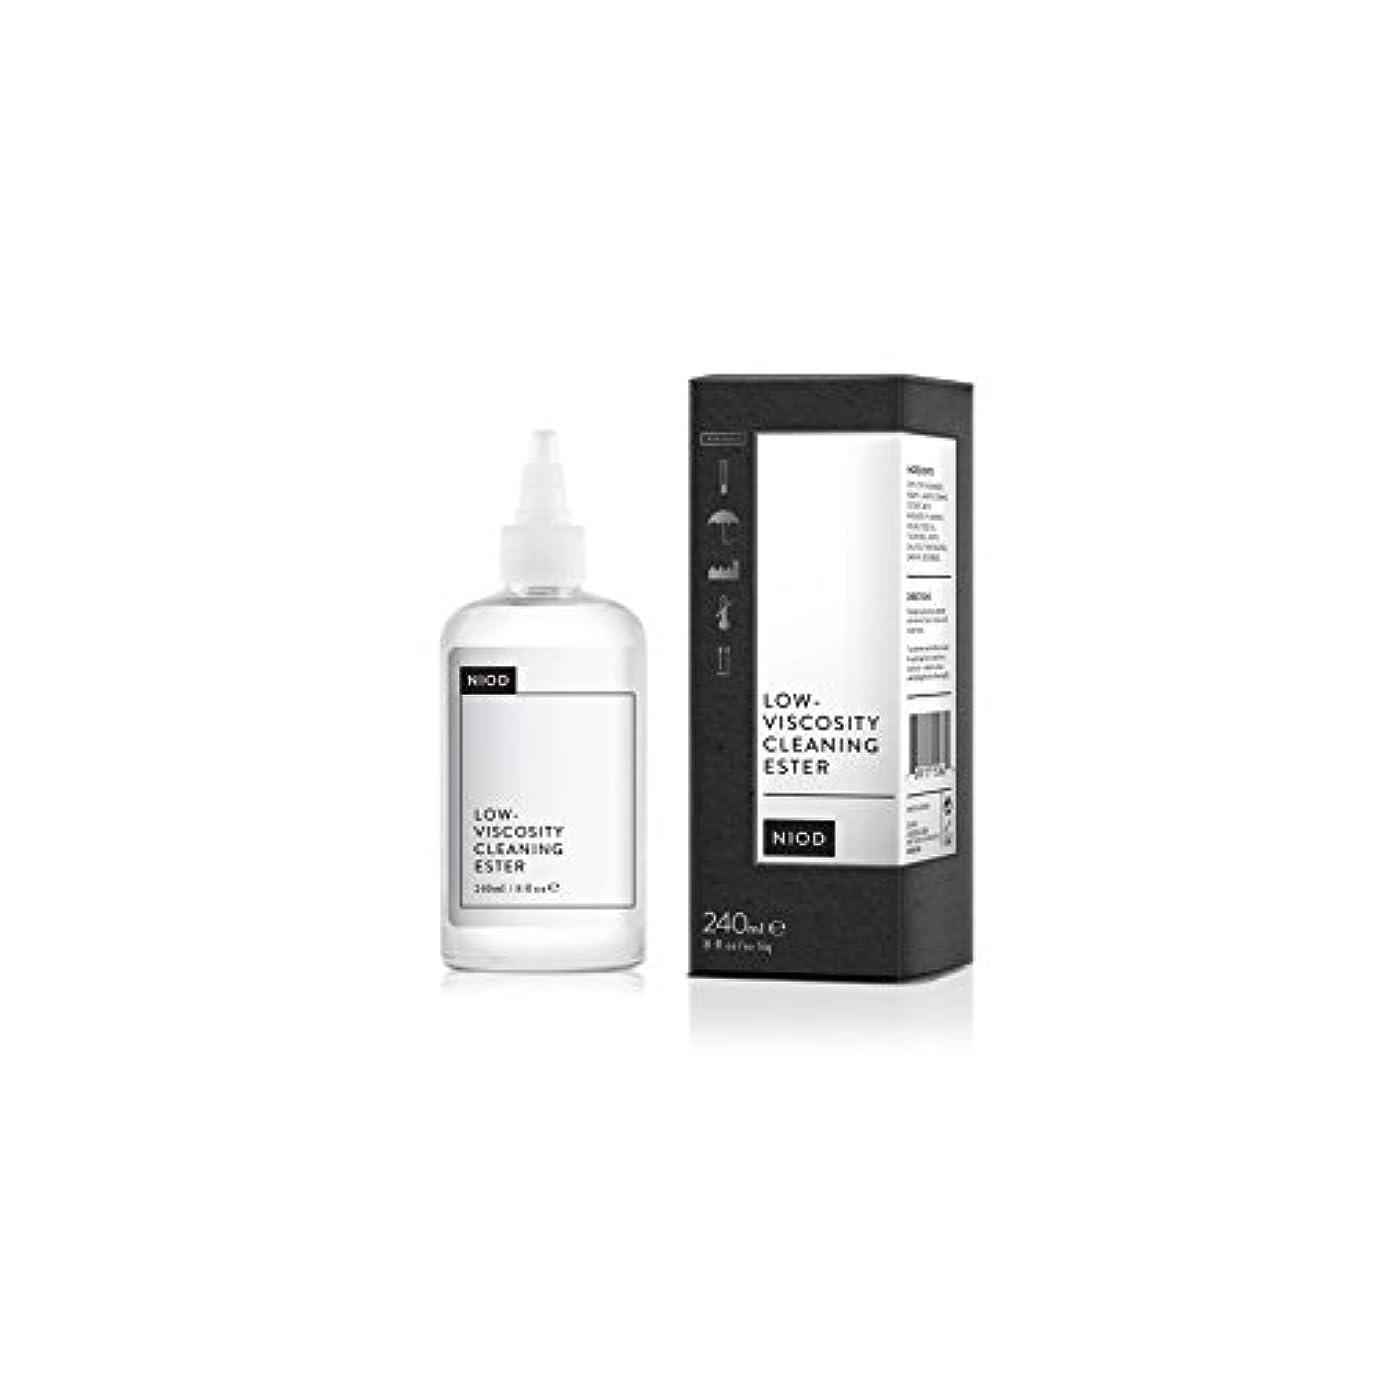 カンガルー表向き補うNiod Low-Viscosity Cleaning Ester (240ml) - 低粘度のクリーニングエステル(240ミリリットル) [並行輸入品]